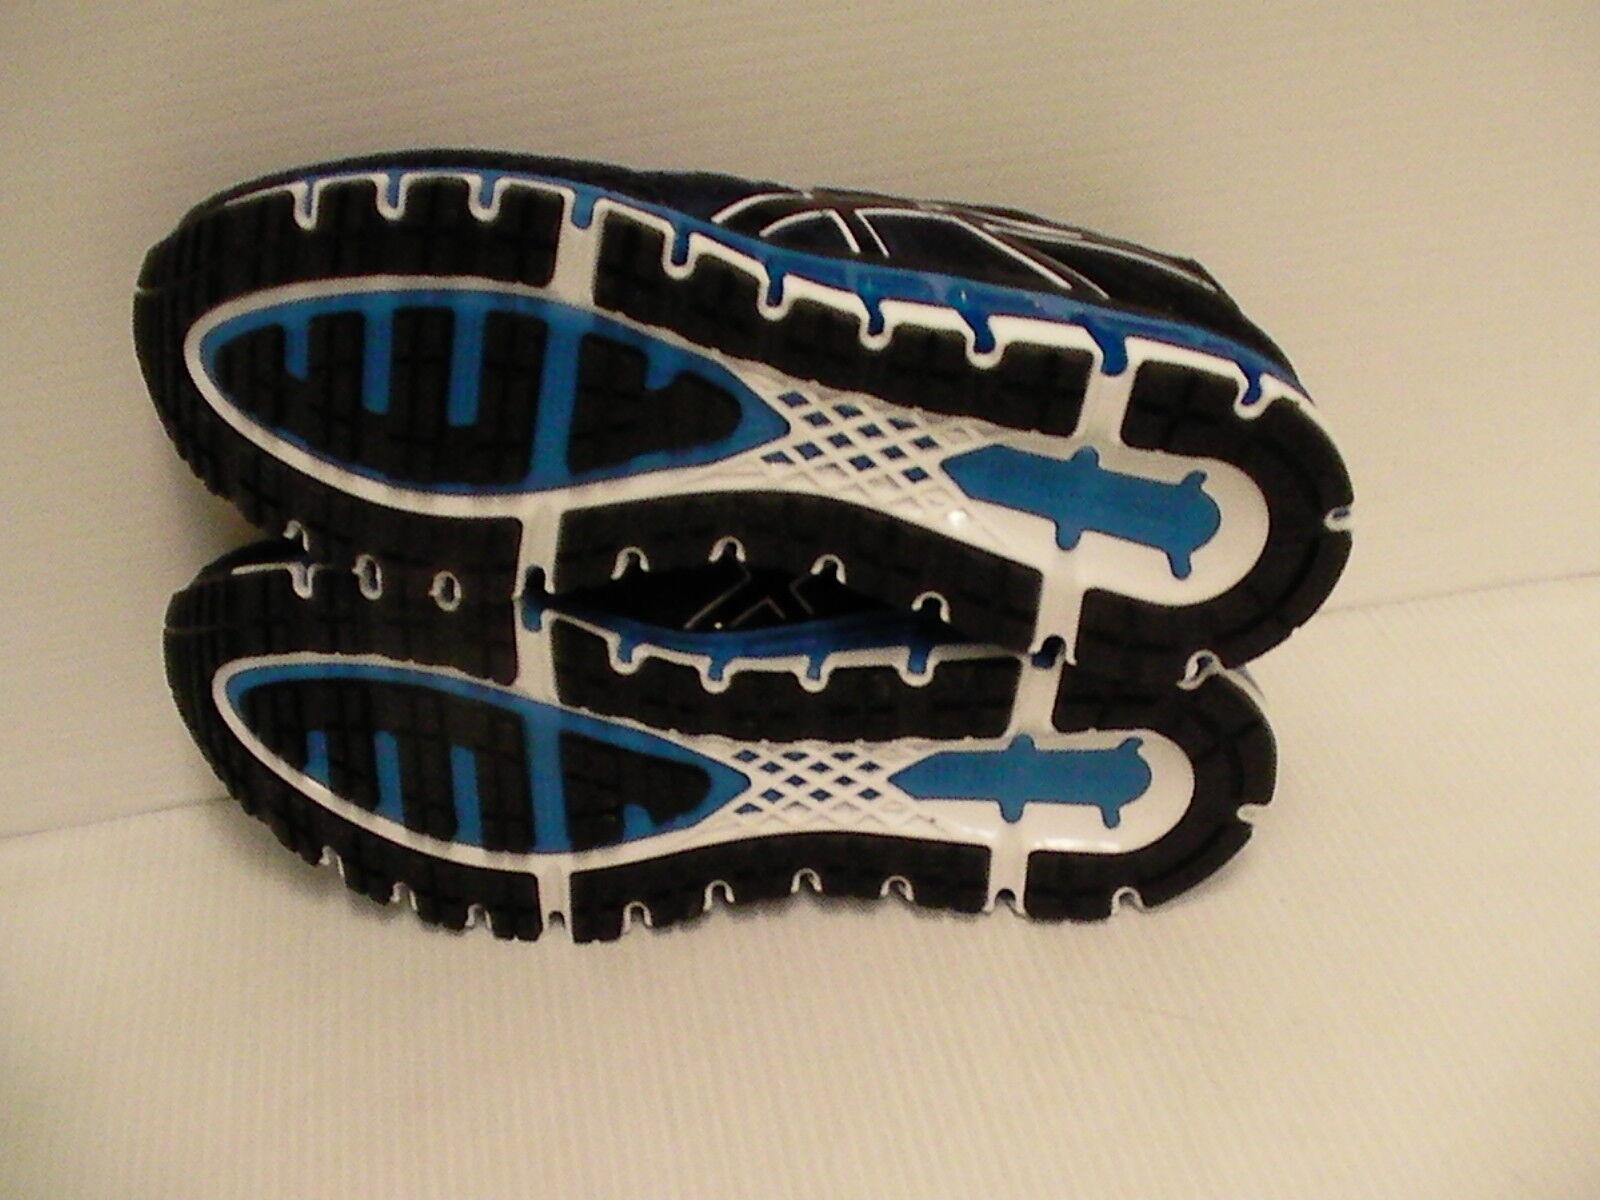 Asics Homme Gel Quantum 180 2 Chaussures Chaussures Chaussures de Course Caban Noir Bleu Taille 12.5 a4302d